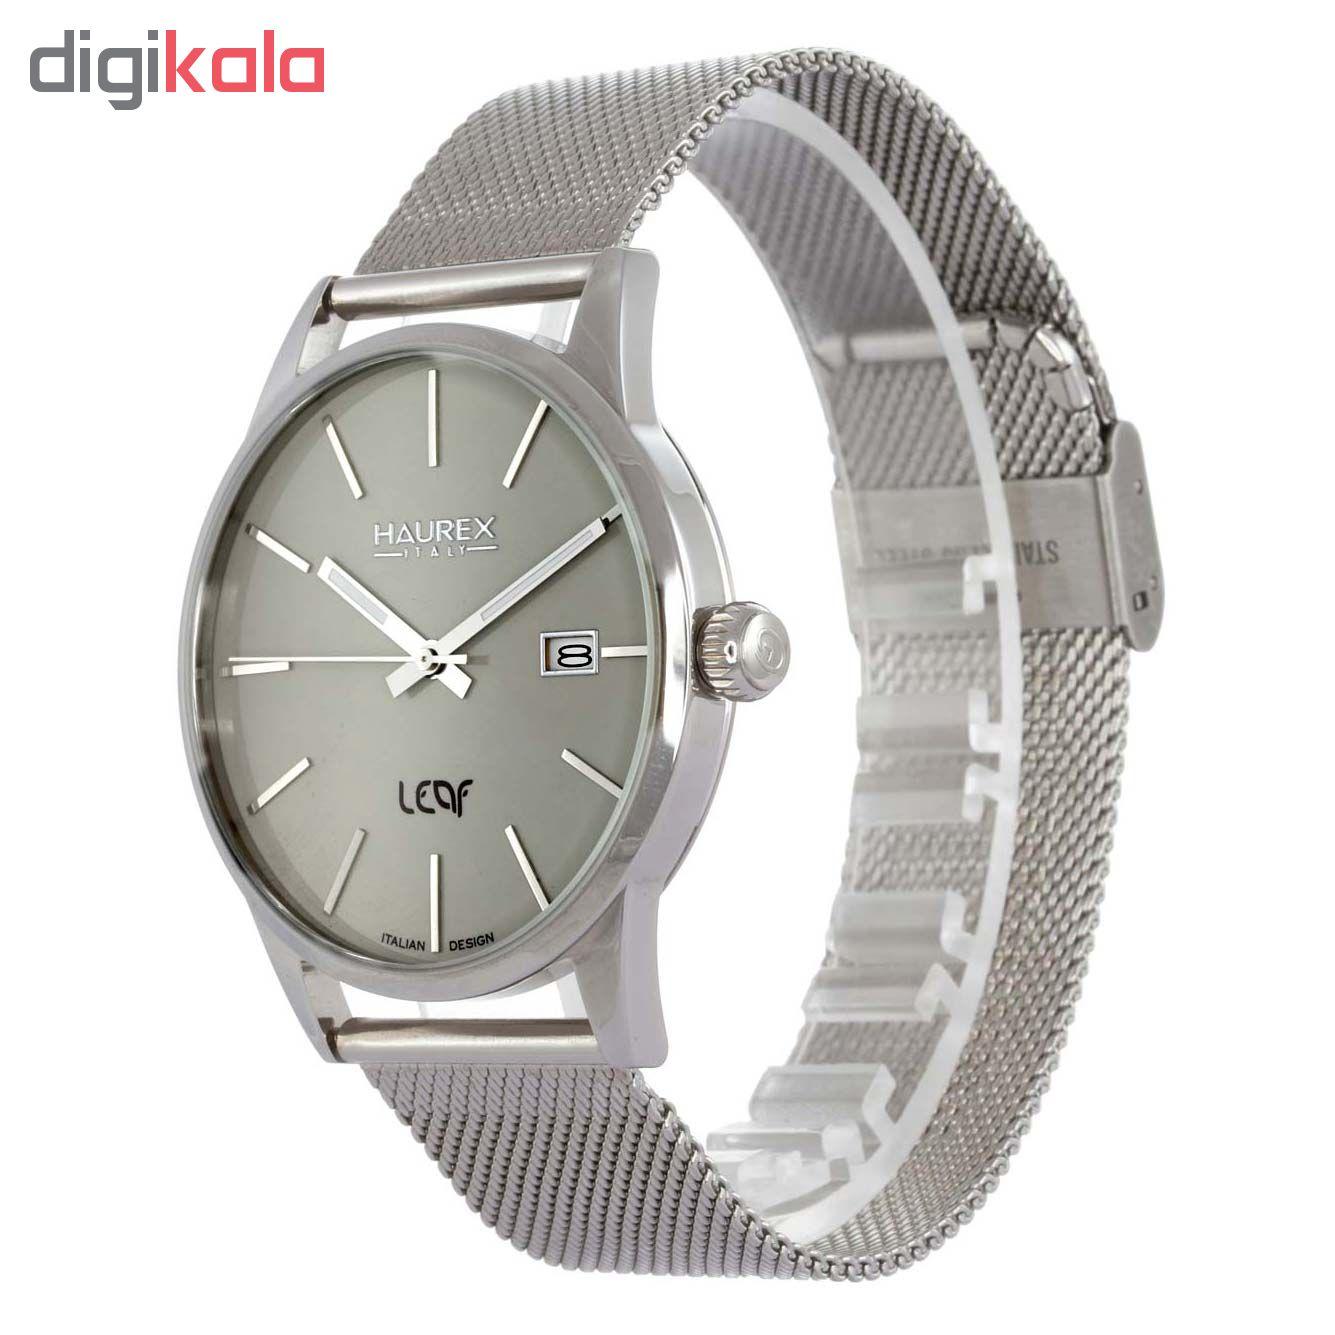 خرید ساعت مچی عقربه ای مردانه هورکس مدل ZQHX-2A363UG1